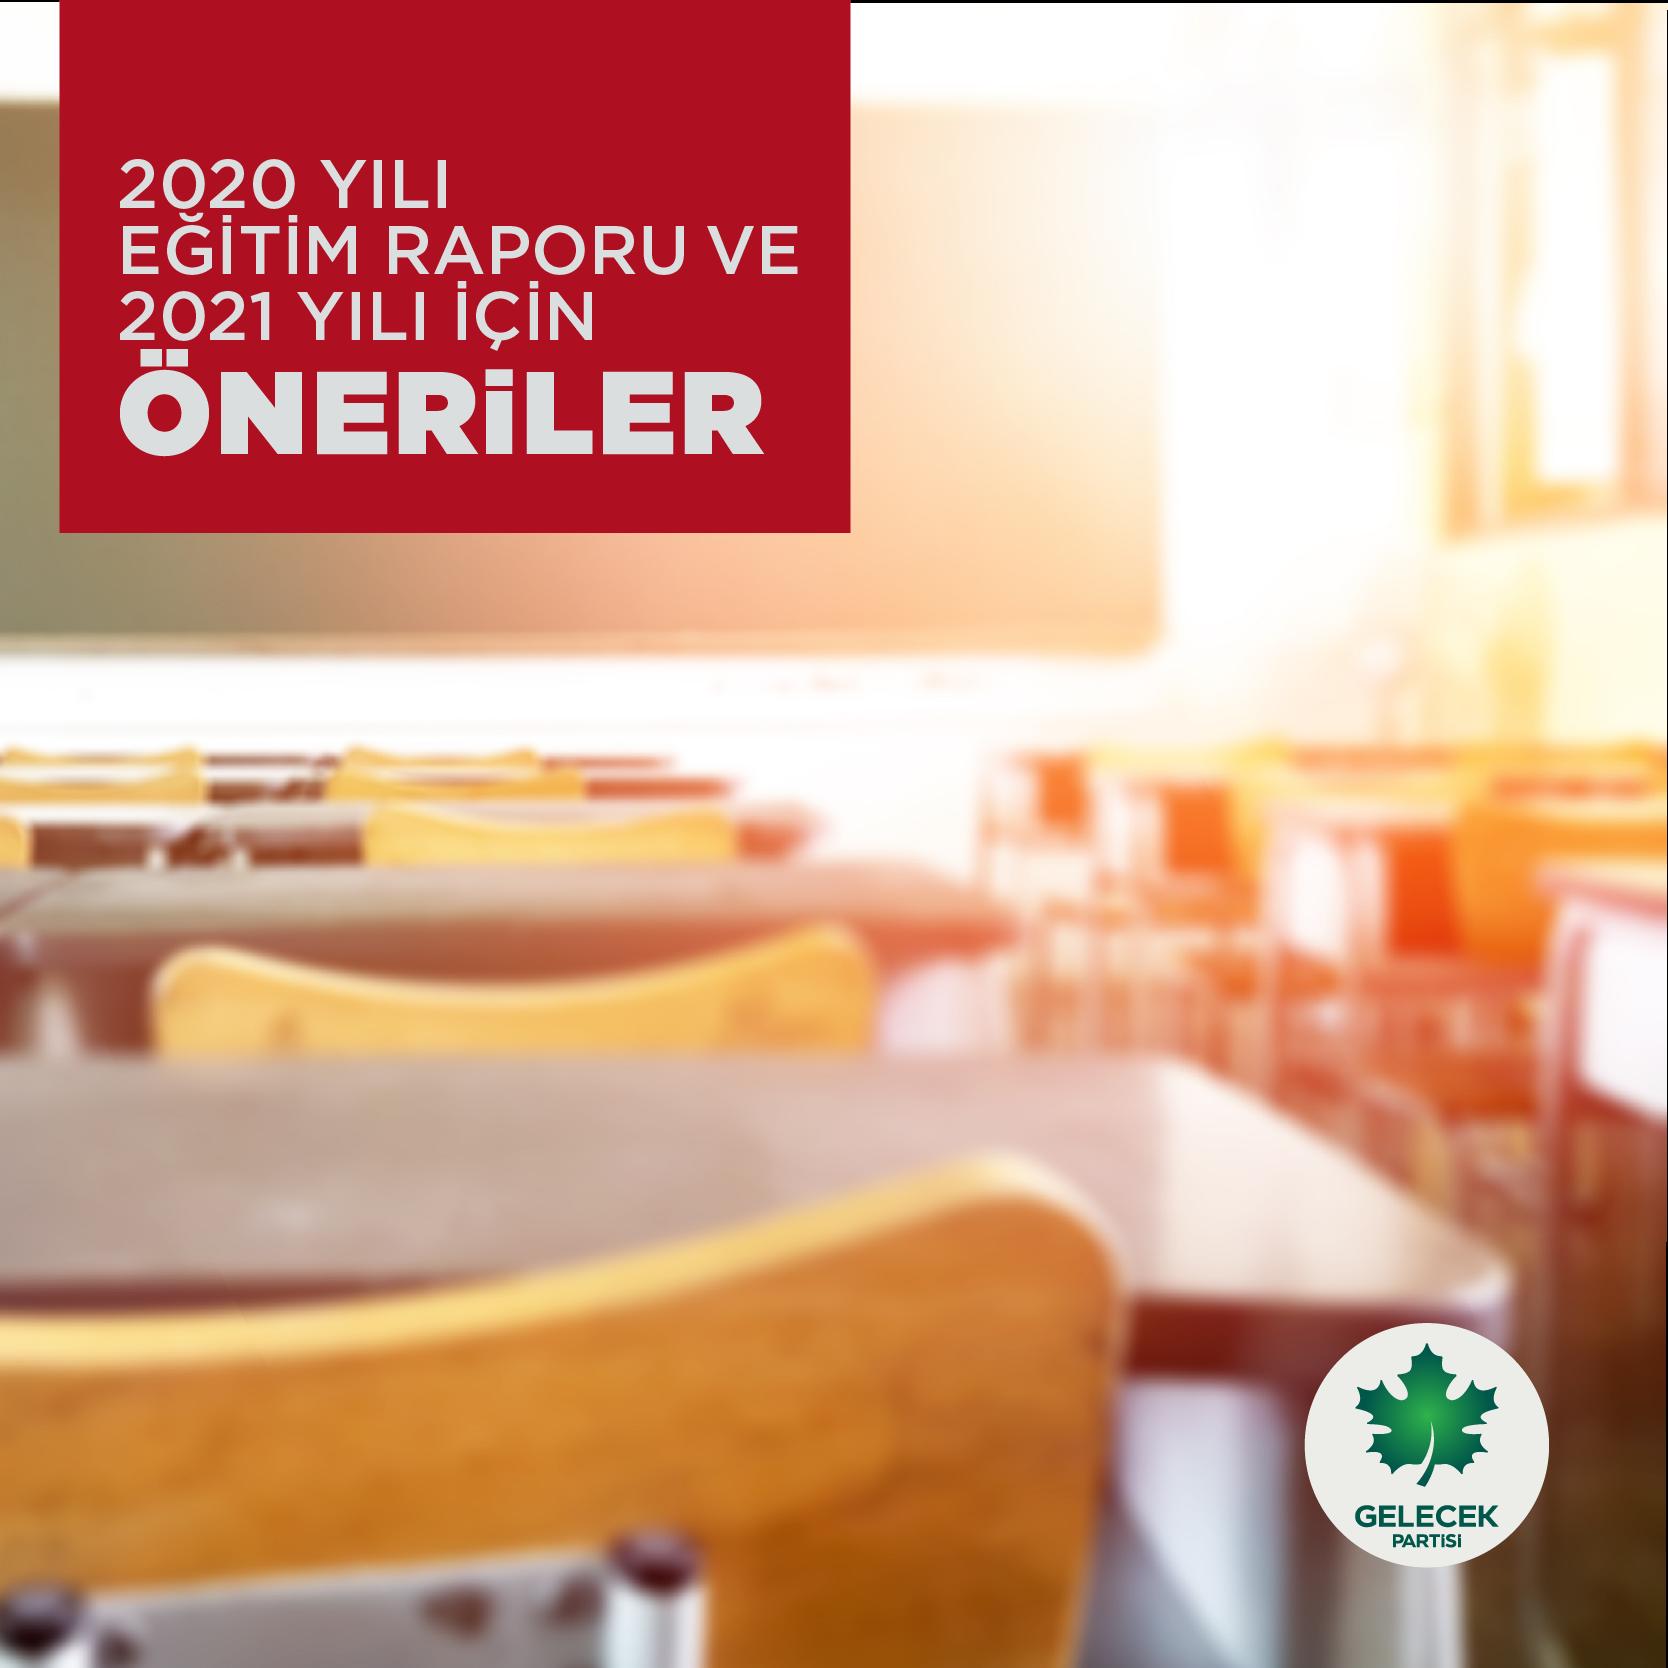 2020 Yılı Eğitim Raporu ve 2021 Yılı İçin Öneriler